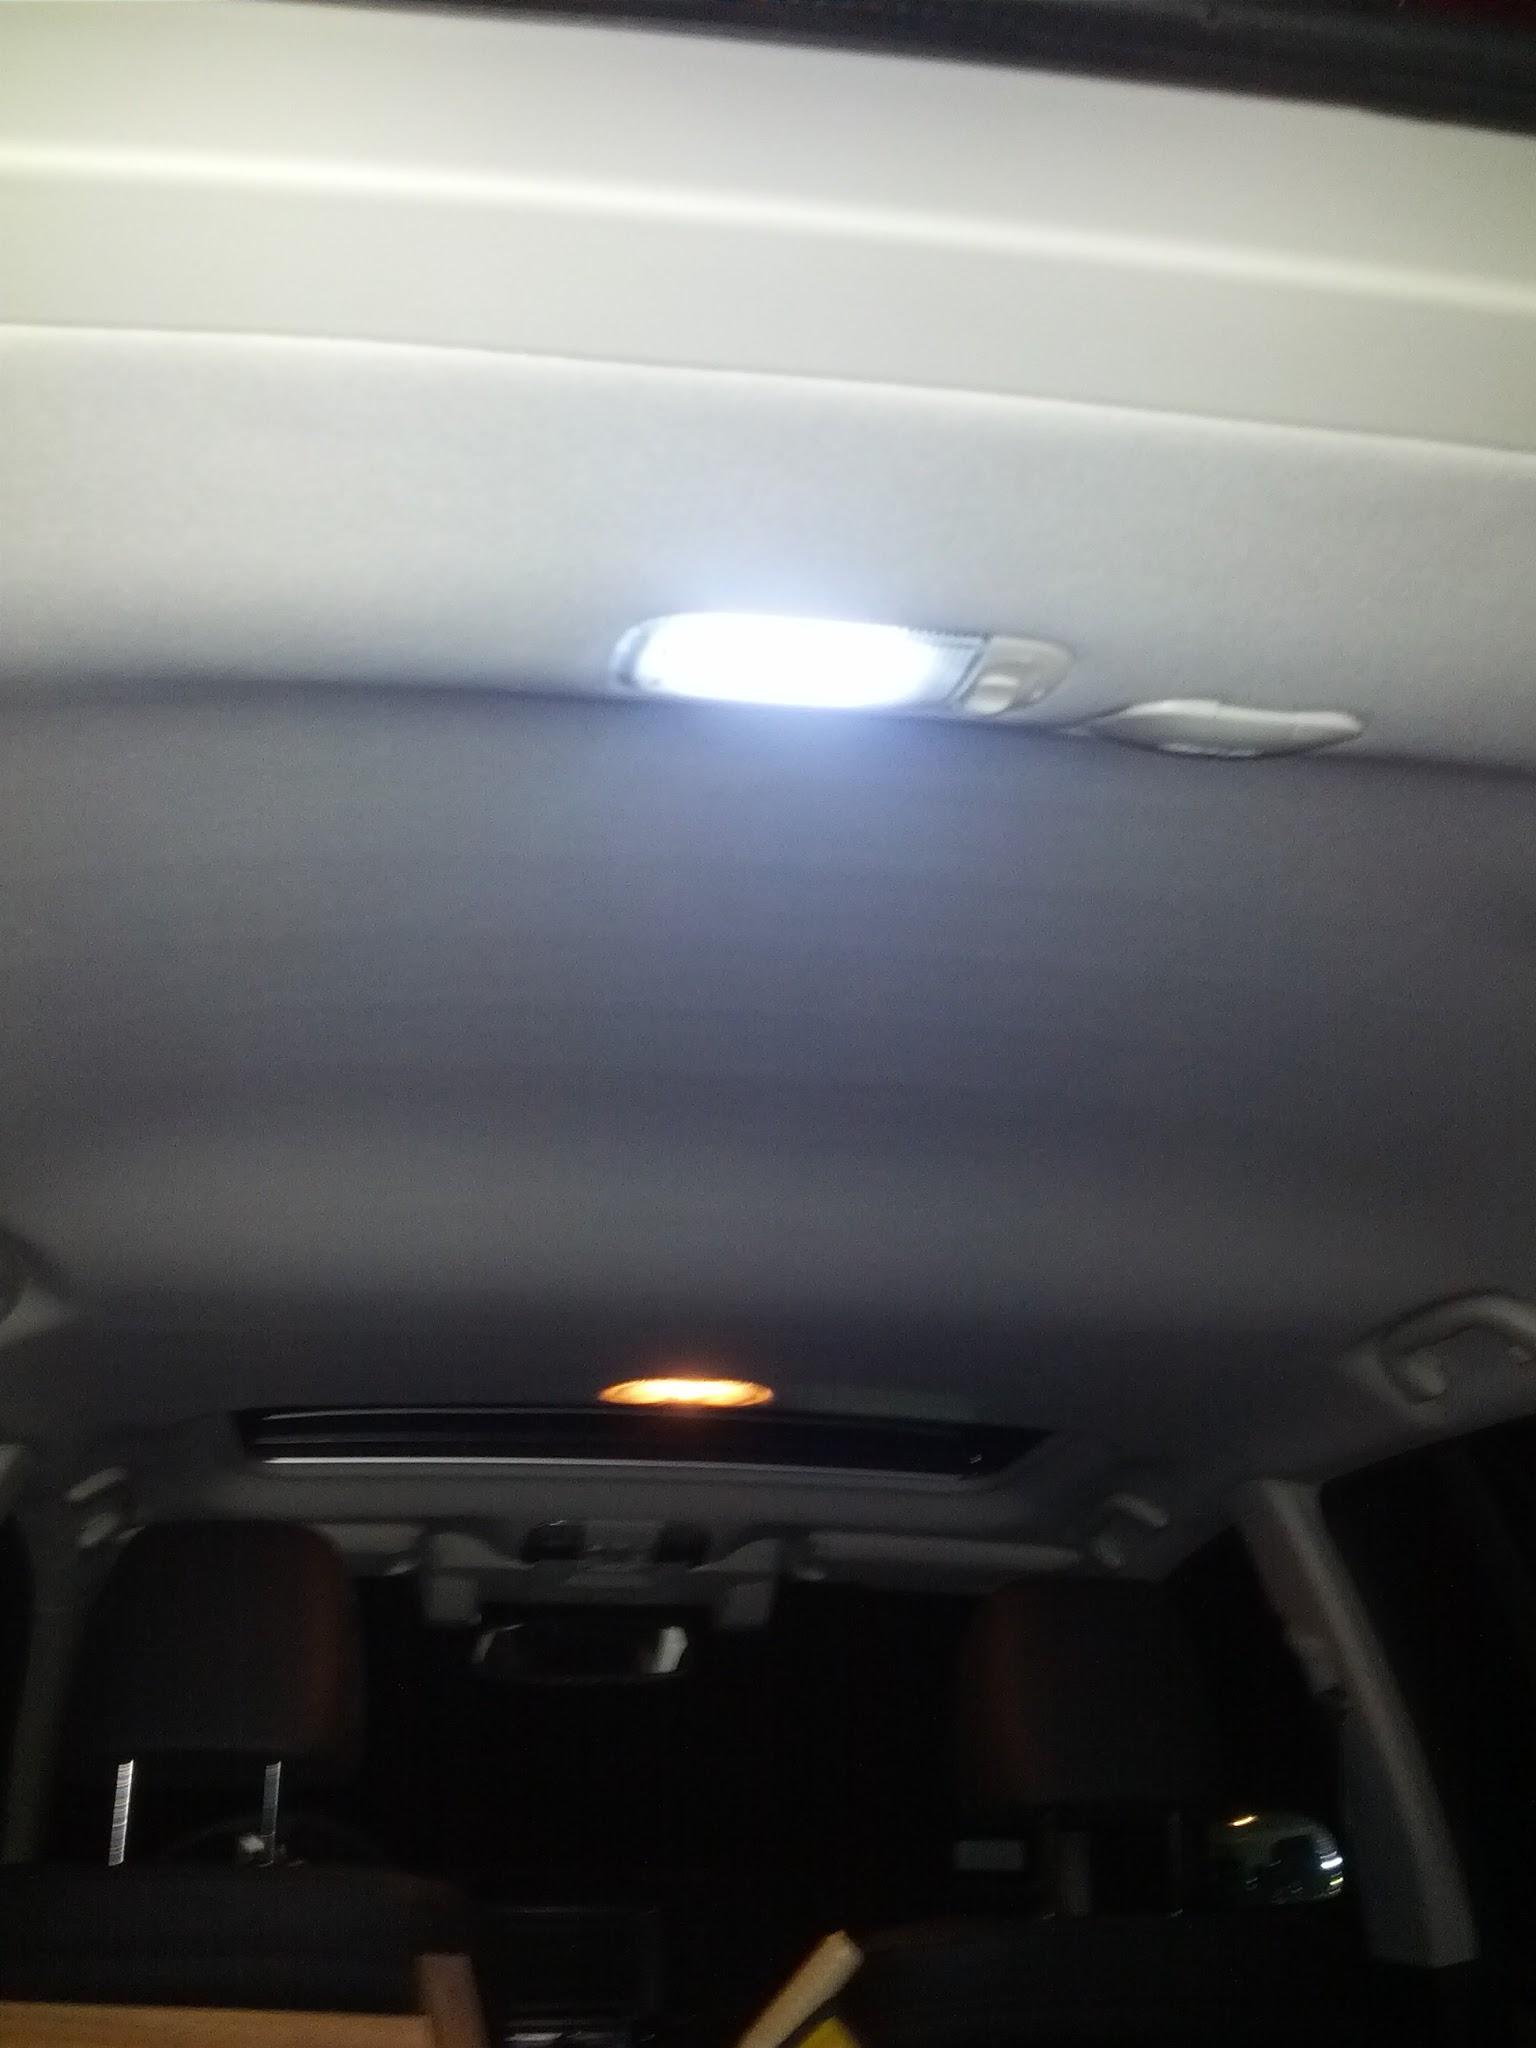 Subaru Outback Size Comparison >> Cargo LED replacement - Subaru Outback - Subaru Outback Forums